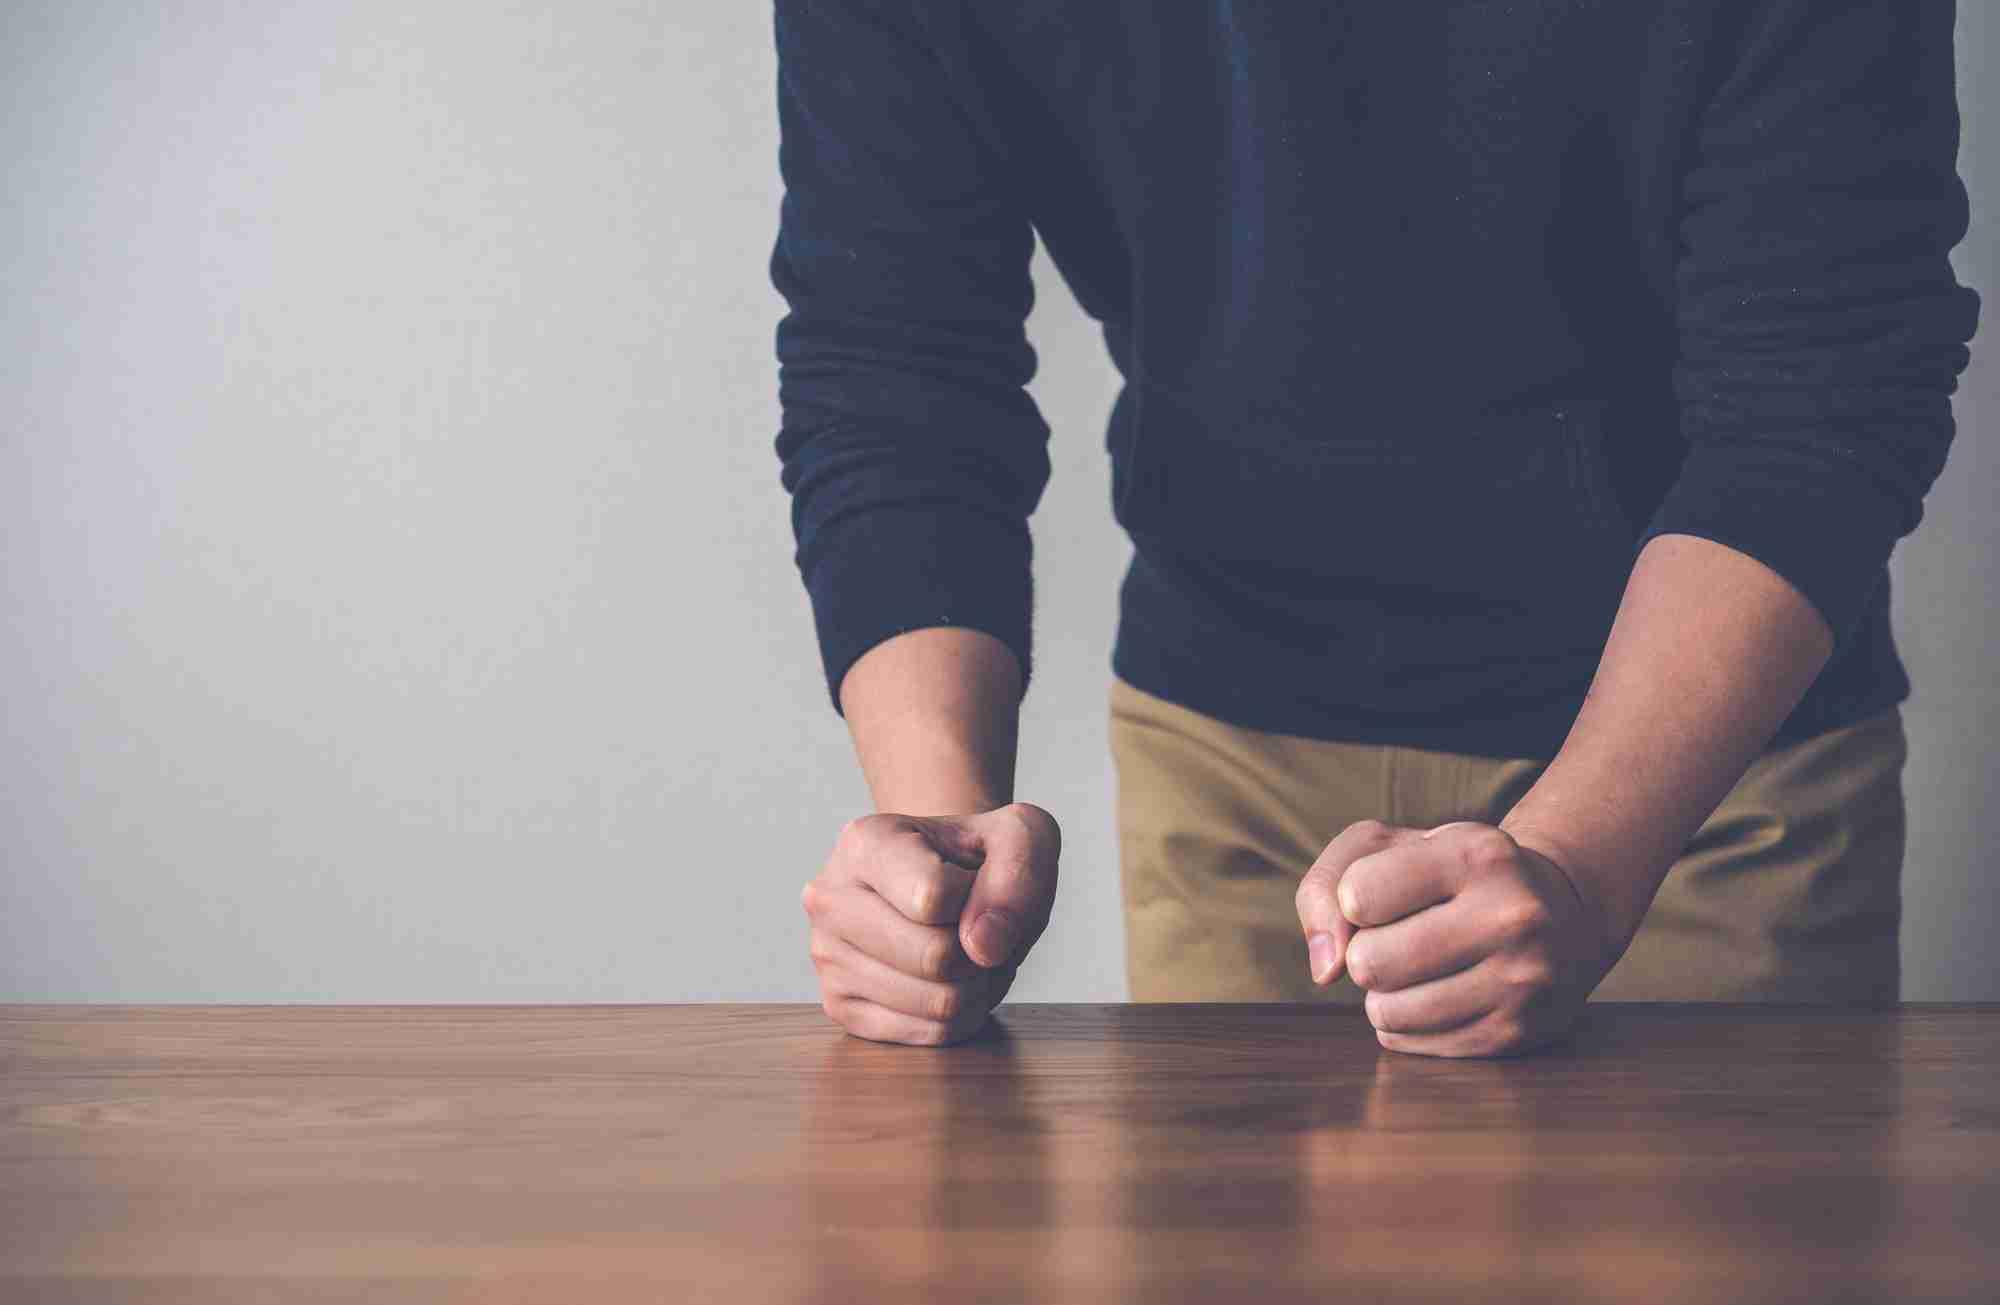 DV妻に耐える、男の#Metoo「家庭内のミスで反省文を書かされる」(週刊SPA!) - Yahoo!ニュース